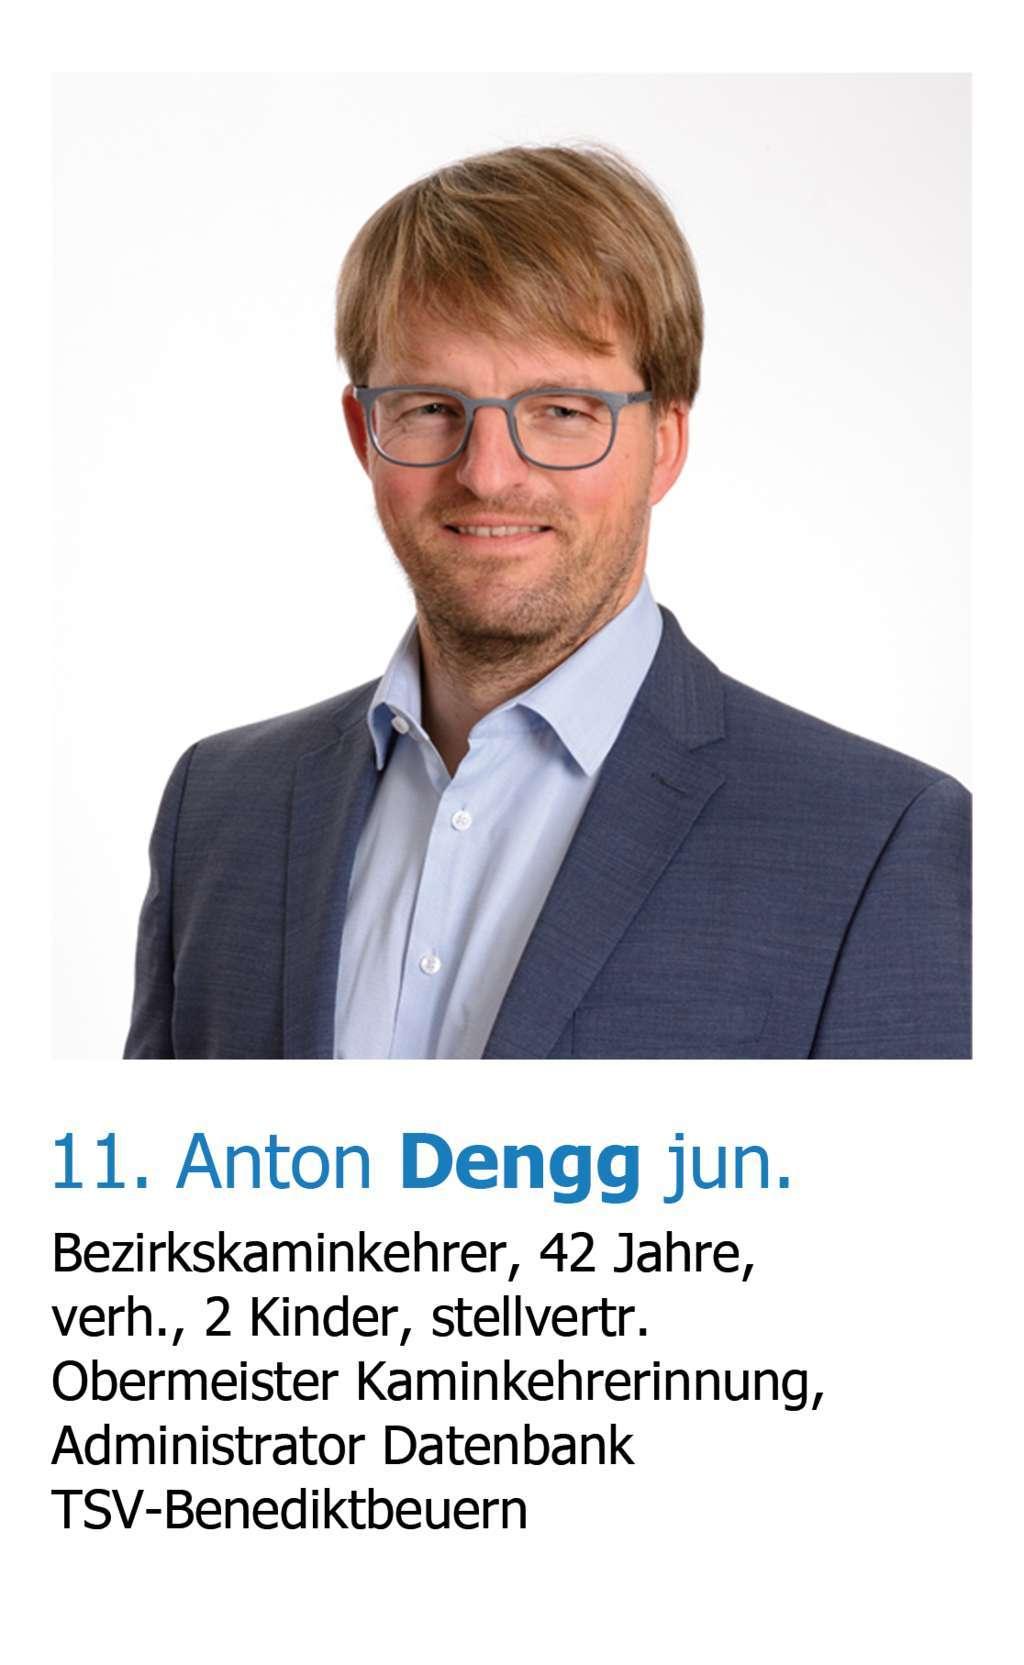 Anton Dengg jun.